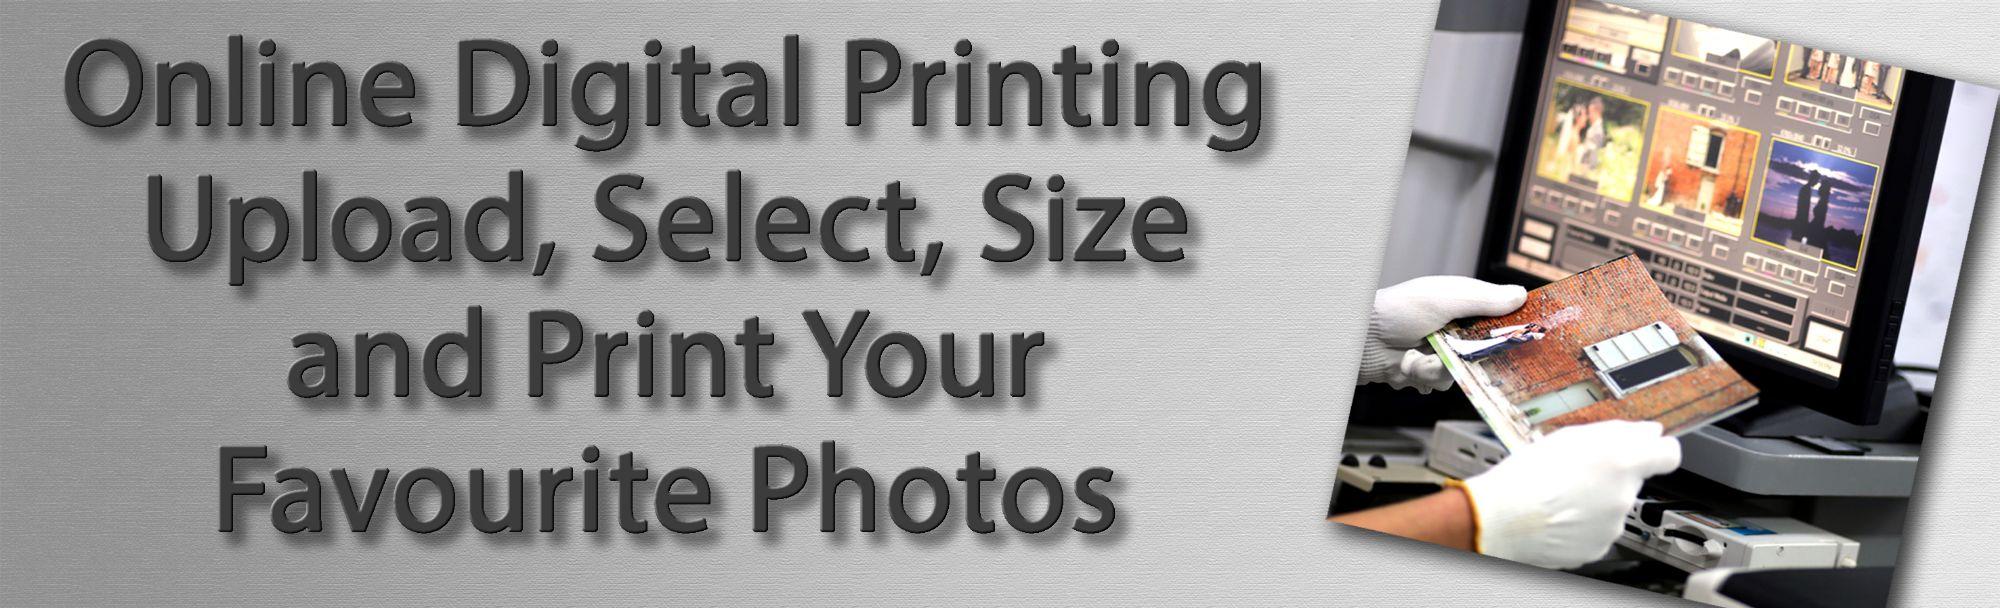 Online Digital Printing